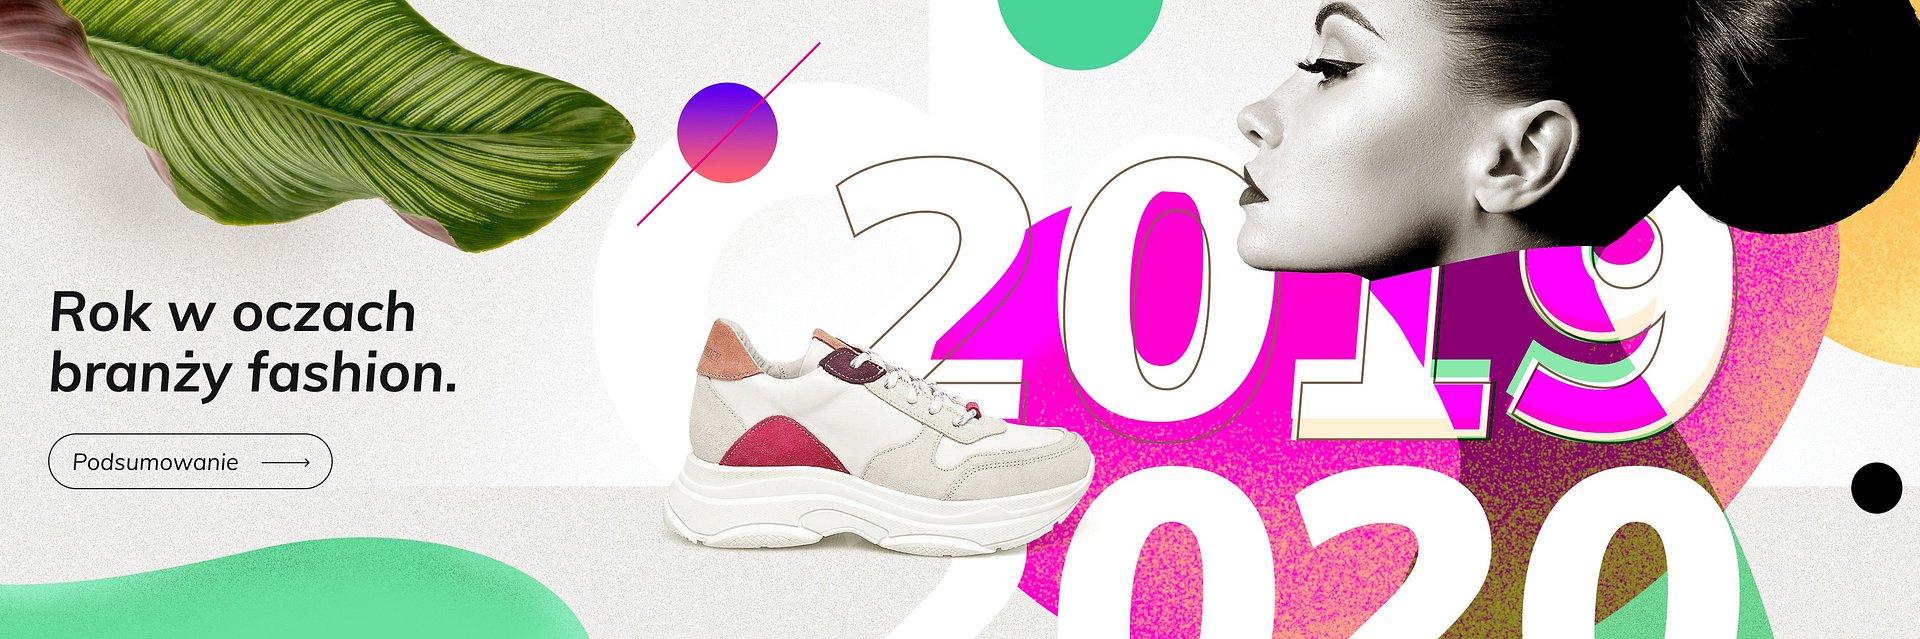 Podsumowanie: rok w oczach branży mody!